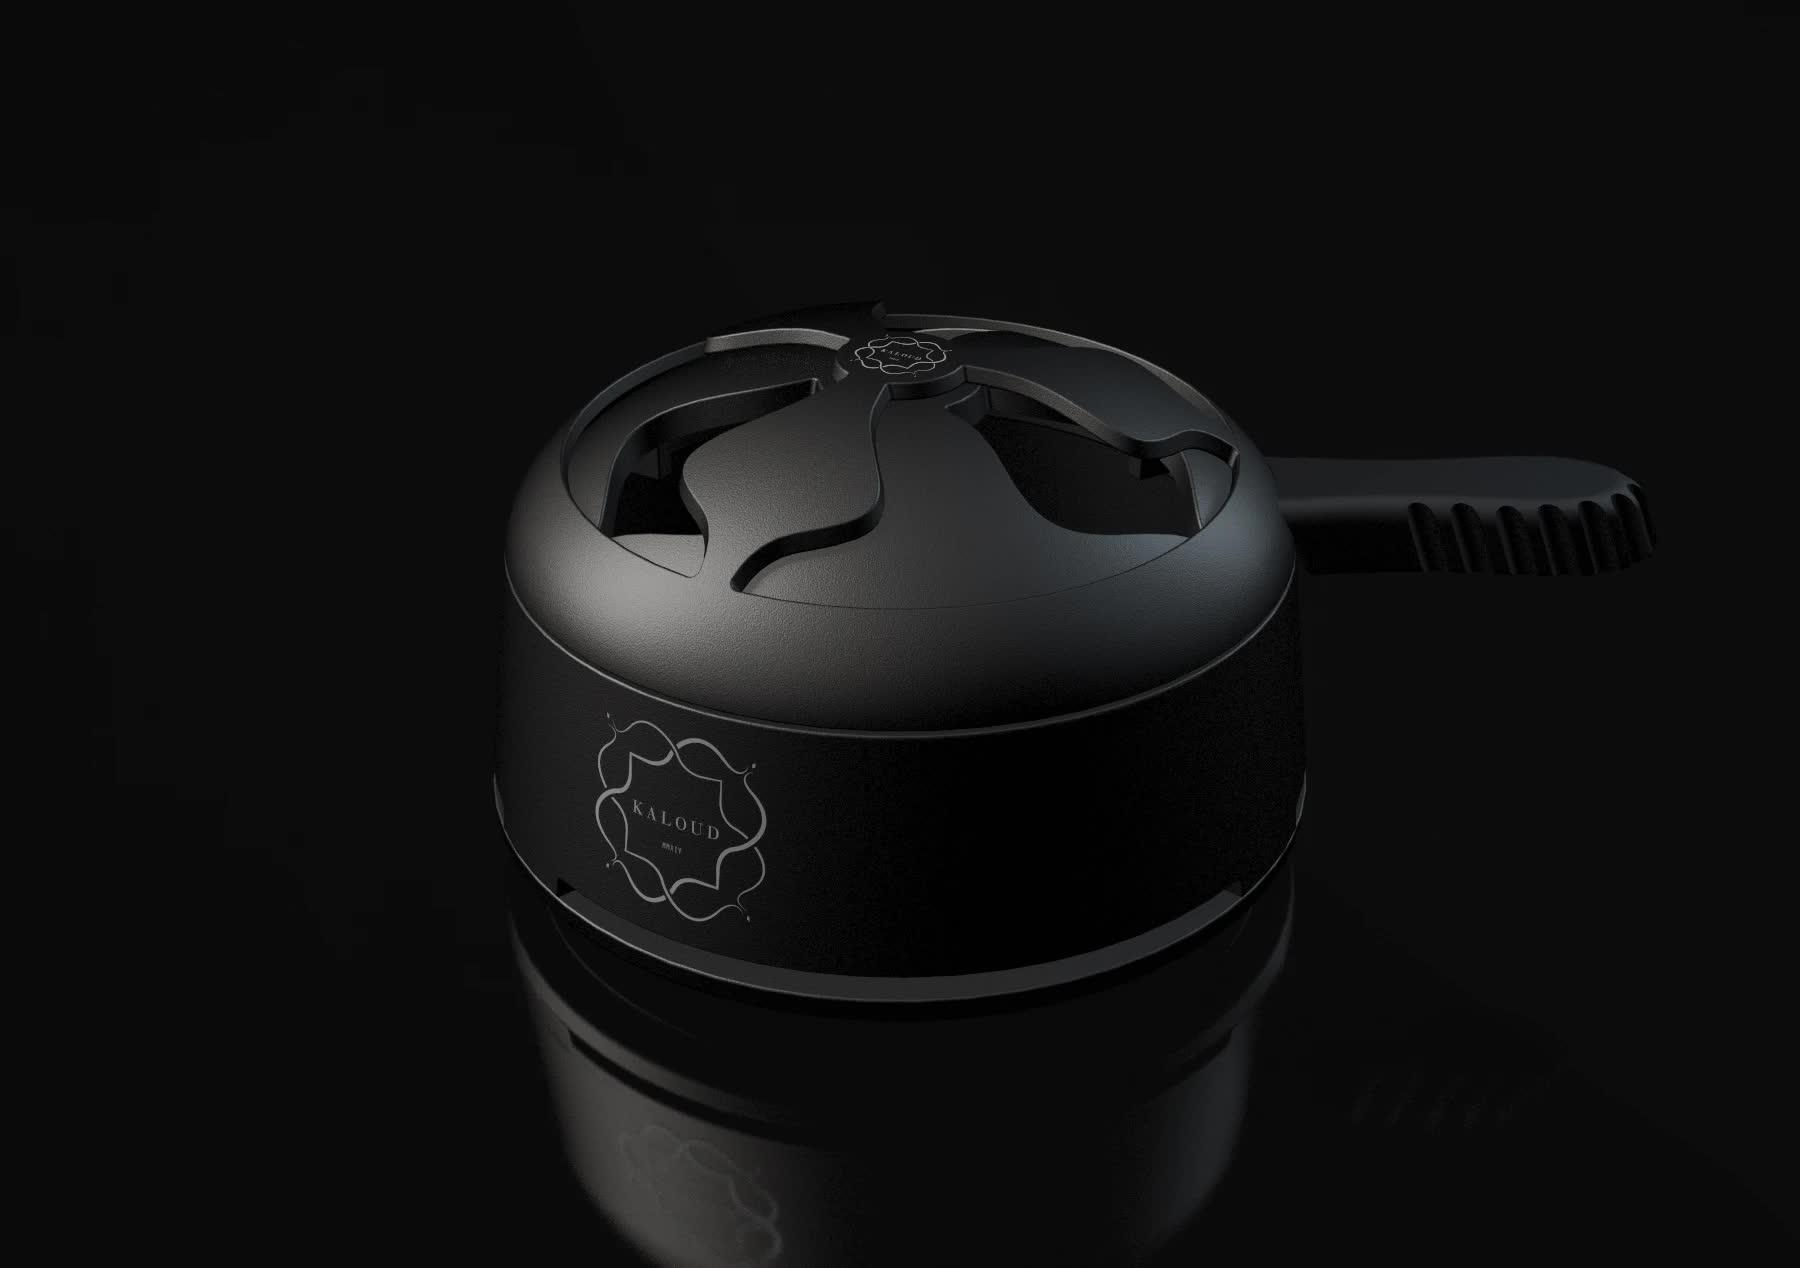 Kaloud Lotus I+ Niris - The Black Lotus